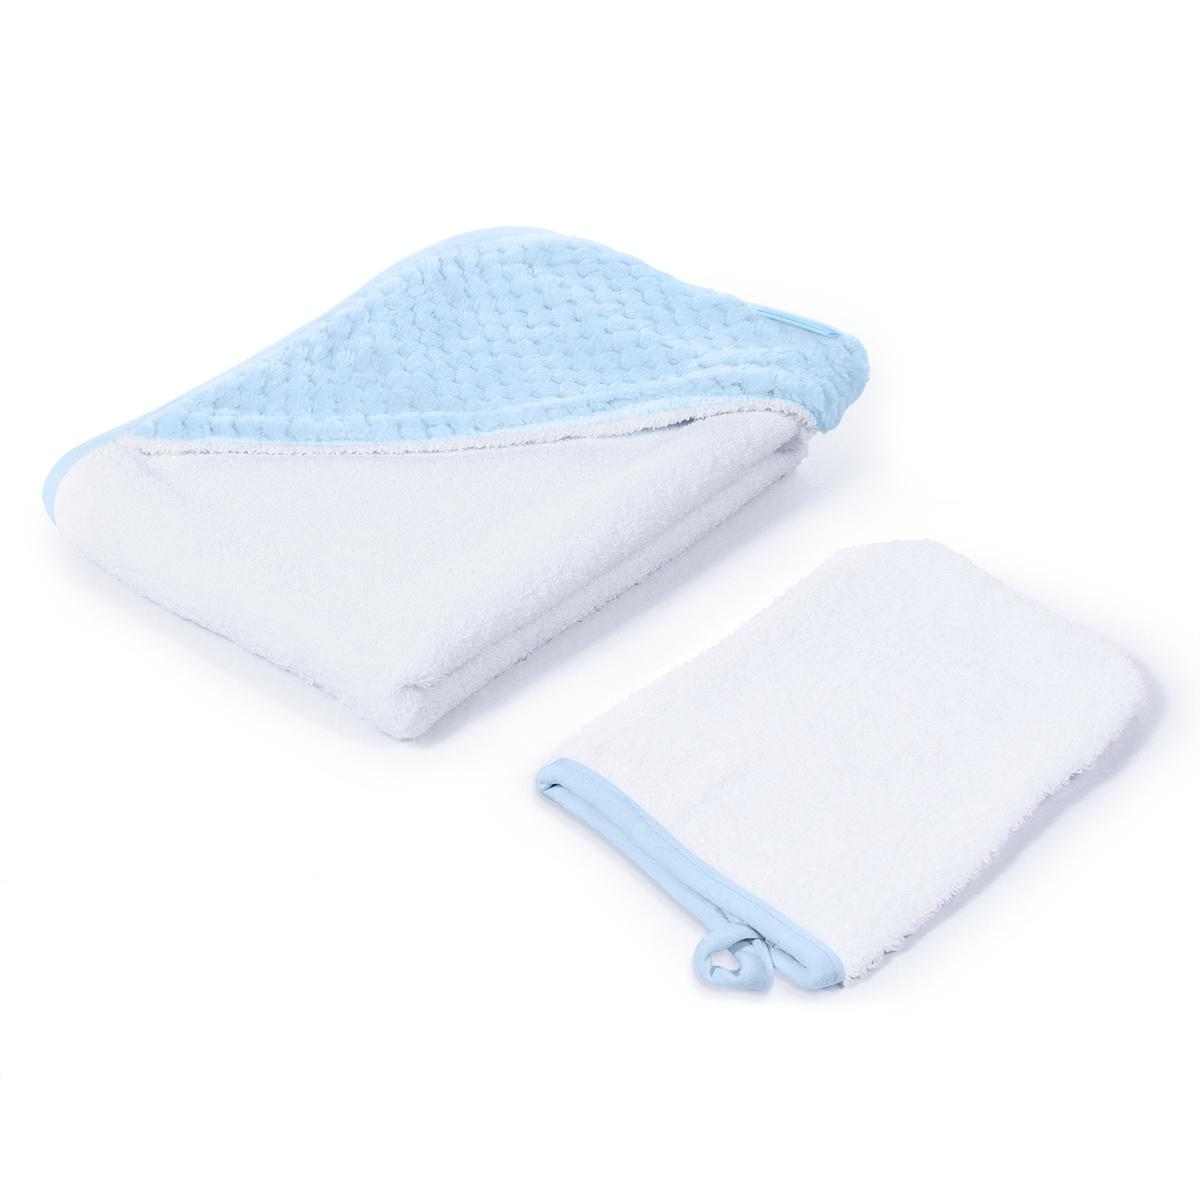 Полотенце детское с капюшоном NUOVITA махра/плюш-соты Хлопок, 100x100 см, белый, голубой  #1